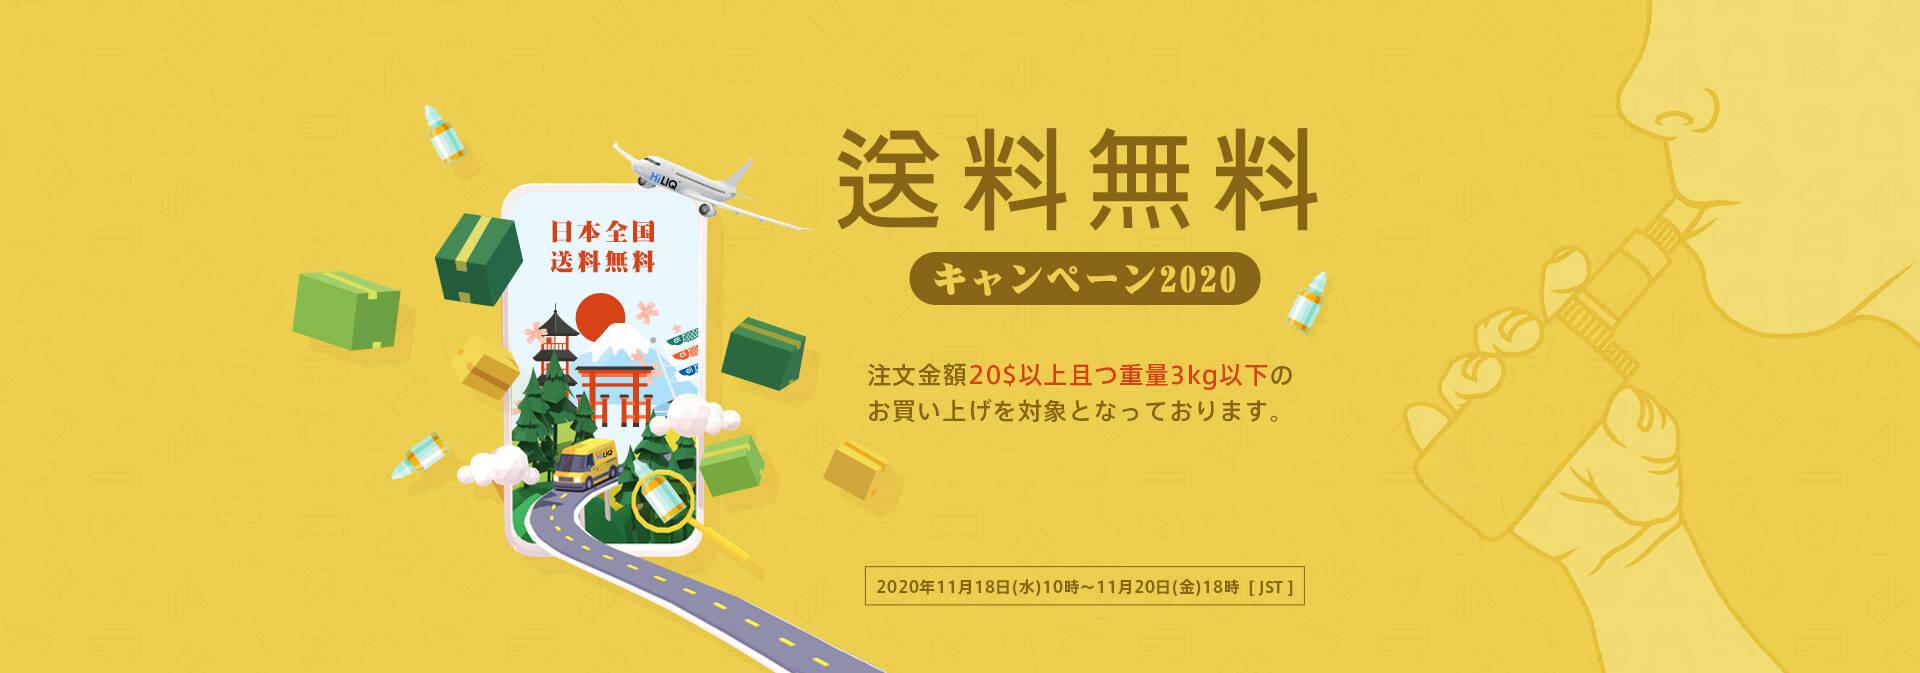 【リマインド】 HiLIQさんの送料無料キャンペーン、明日11/18 10:00から